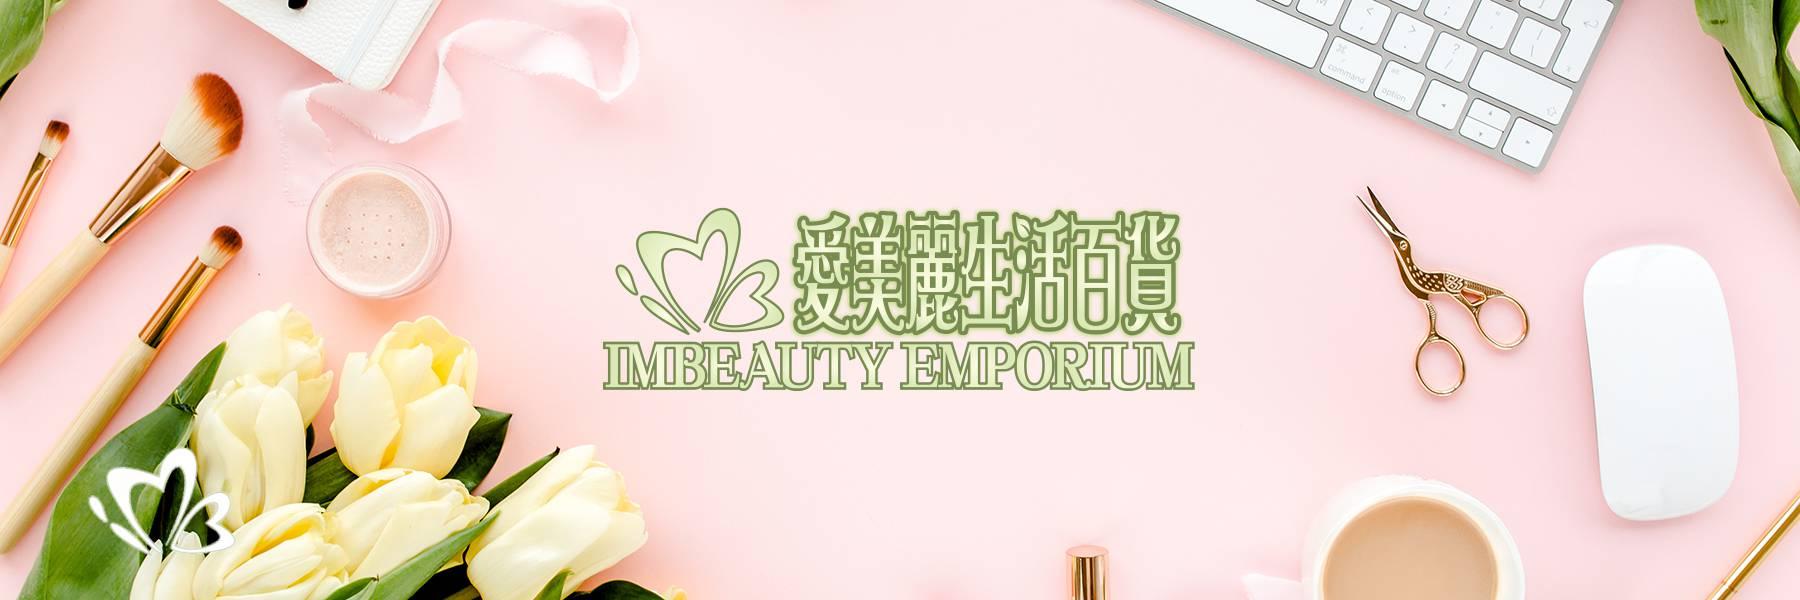 愛美麗生活百貨 Imbeauty Emporium